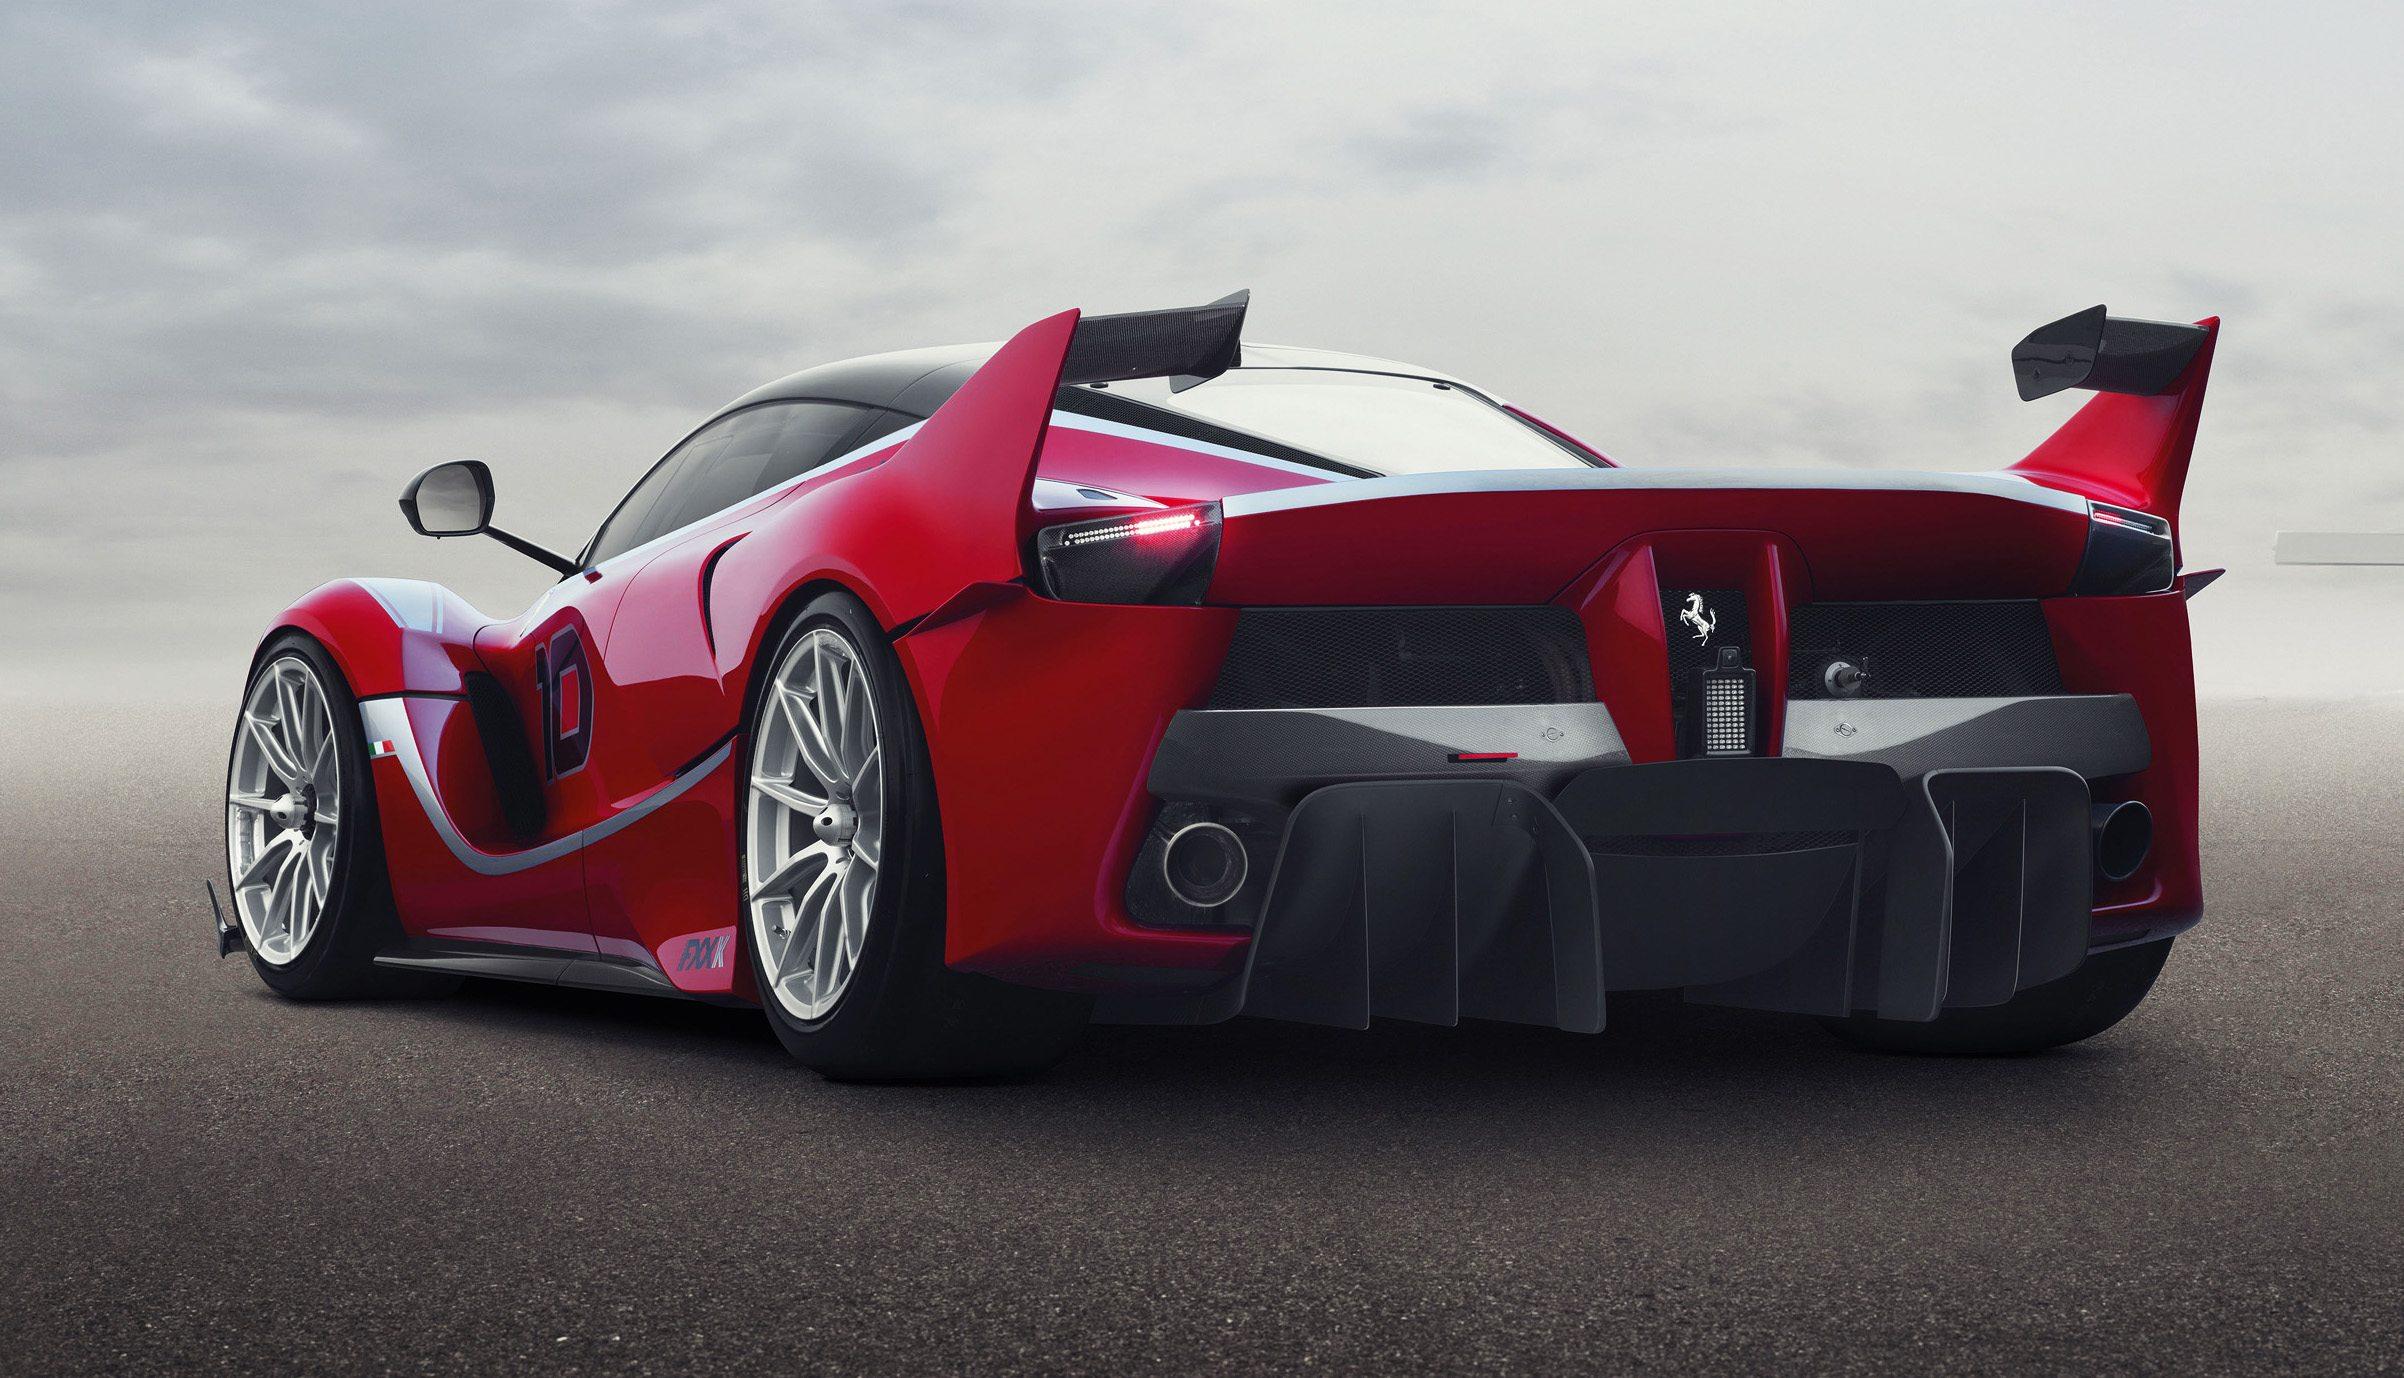 Ferrari Fxx K Ibrida Estrema Per Credere A Una Nuova Via